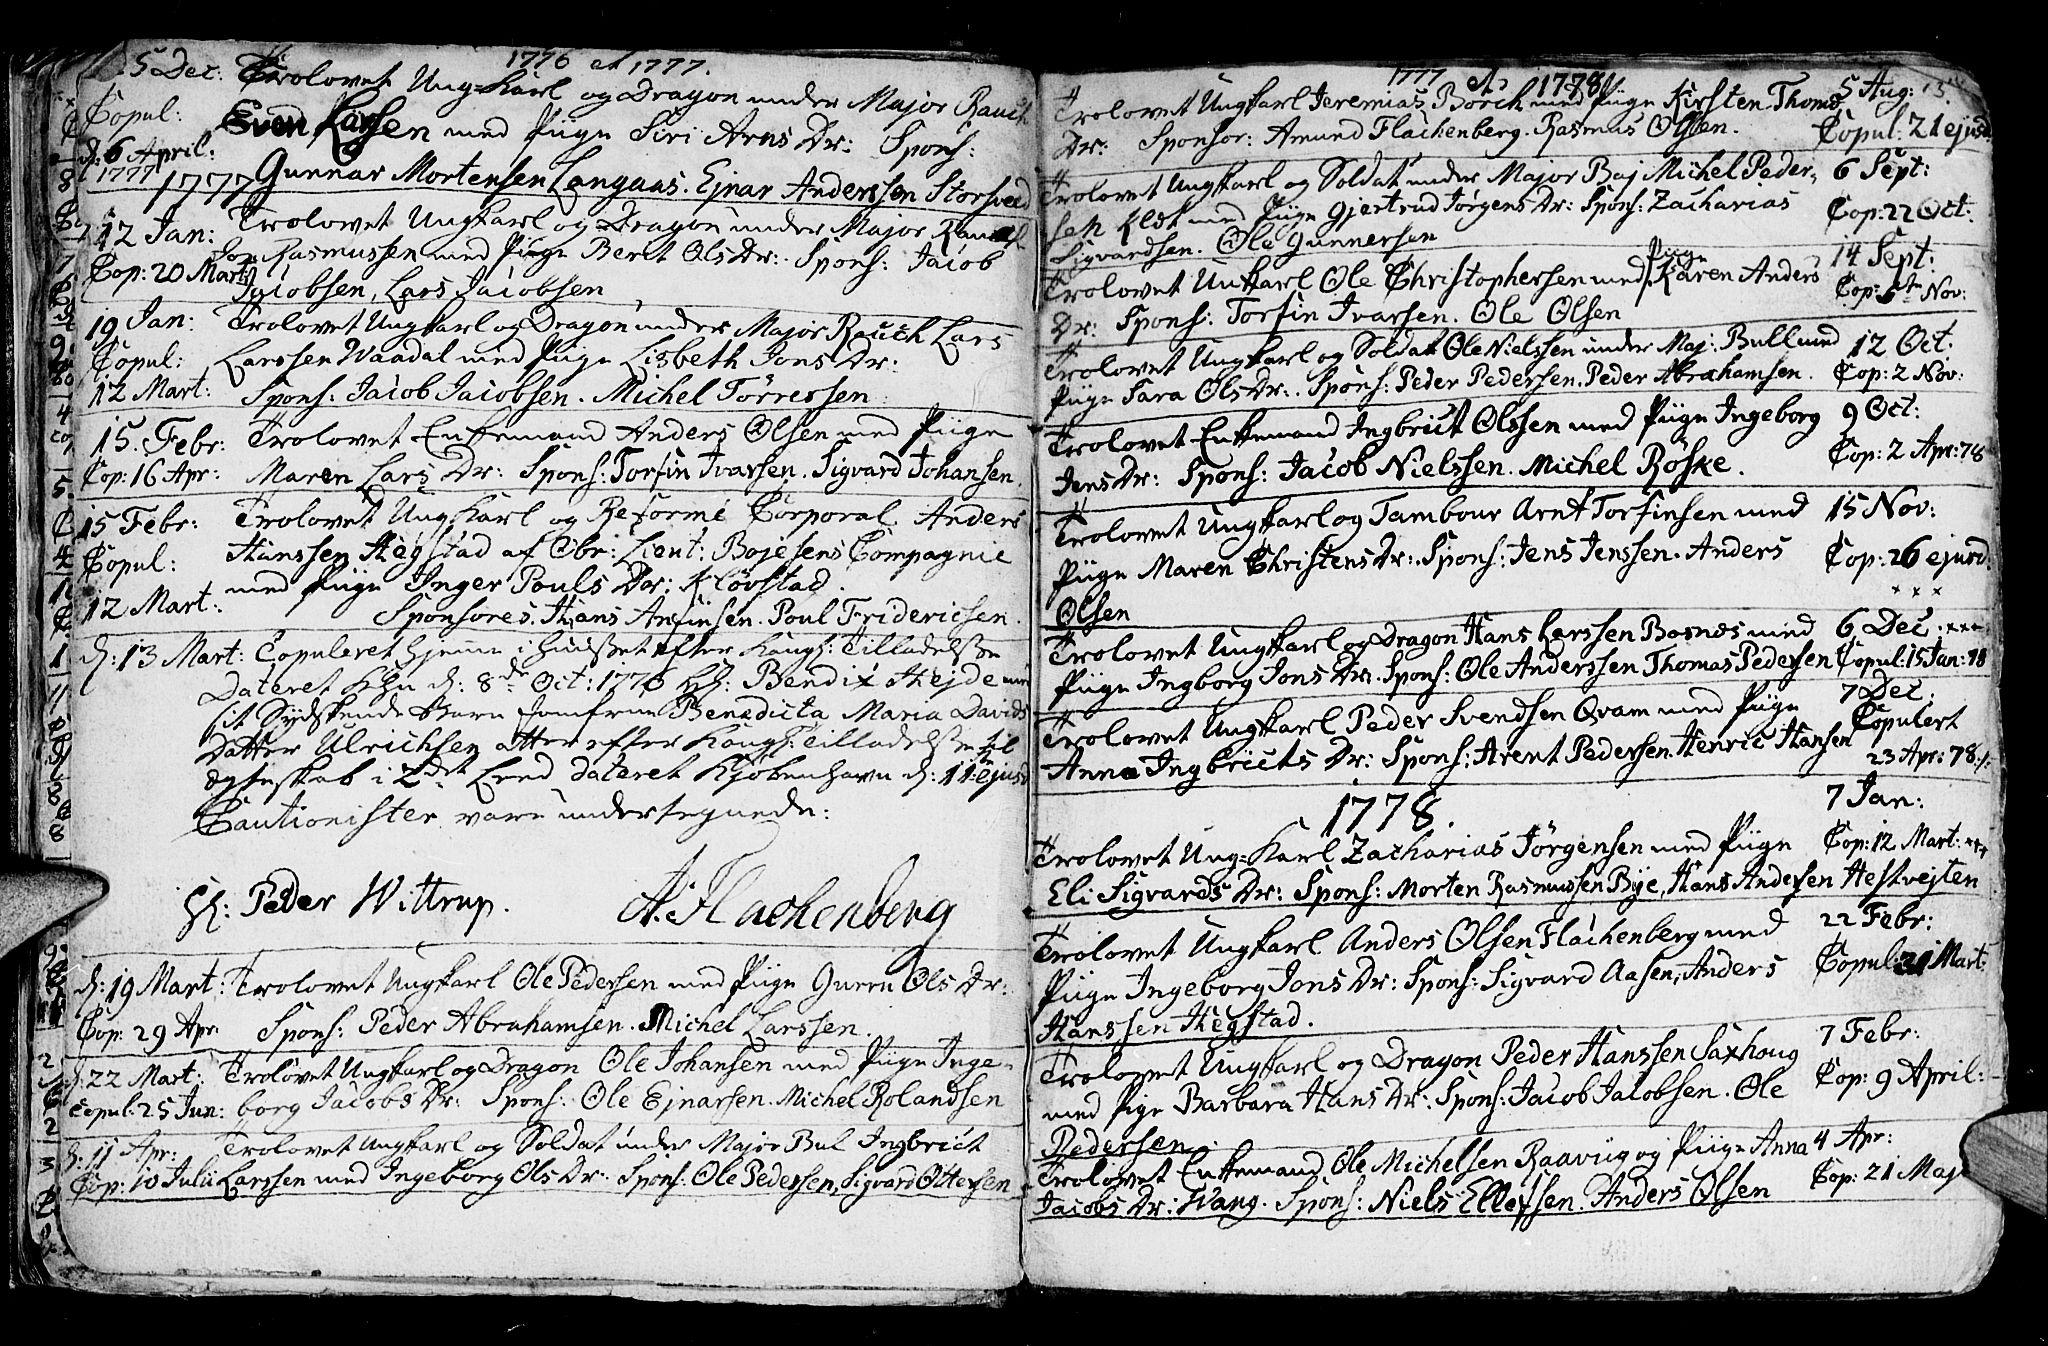 SAT, Ministerialprotokoller, klokkerbøker og fødselsregistre - Nord-Trøndelag, 730/L0273: Ministerialbok nr. 730A02, 1762-1802, s. 13